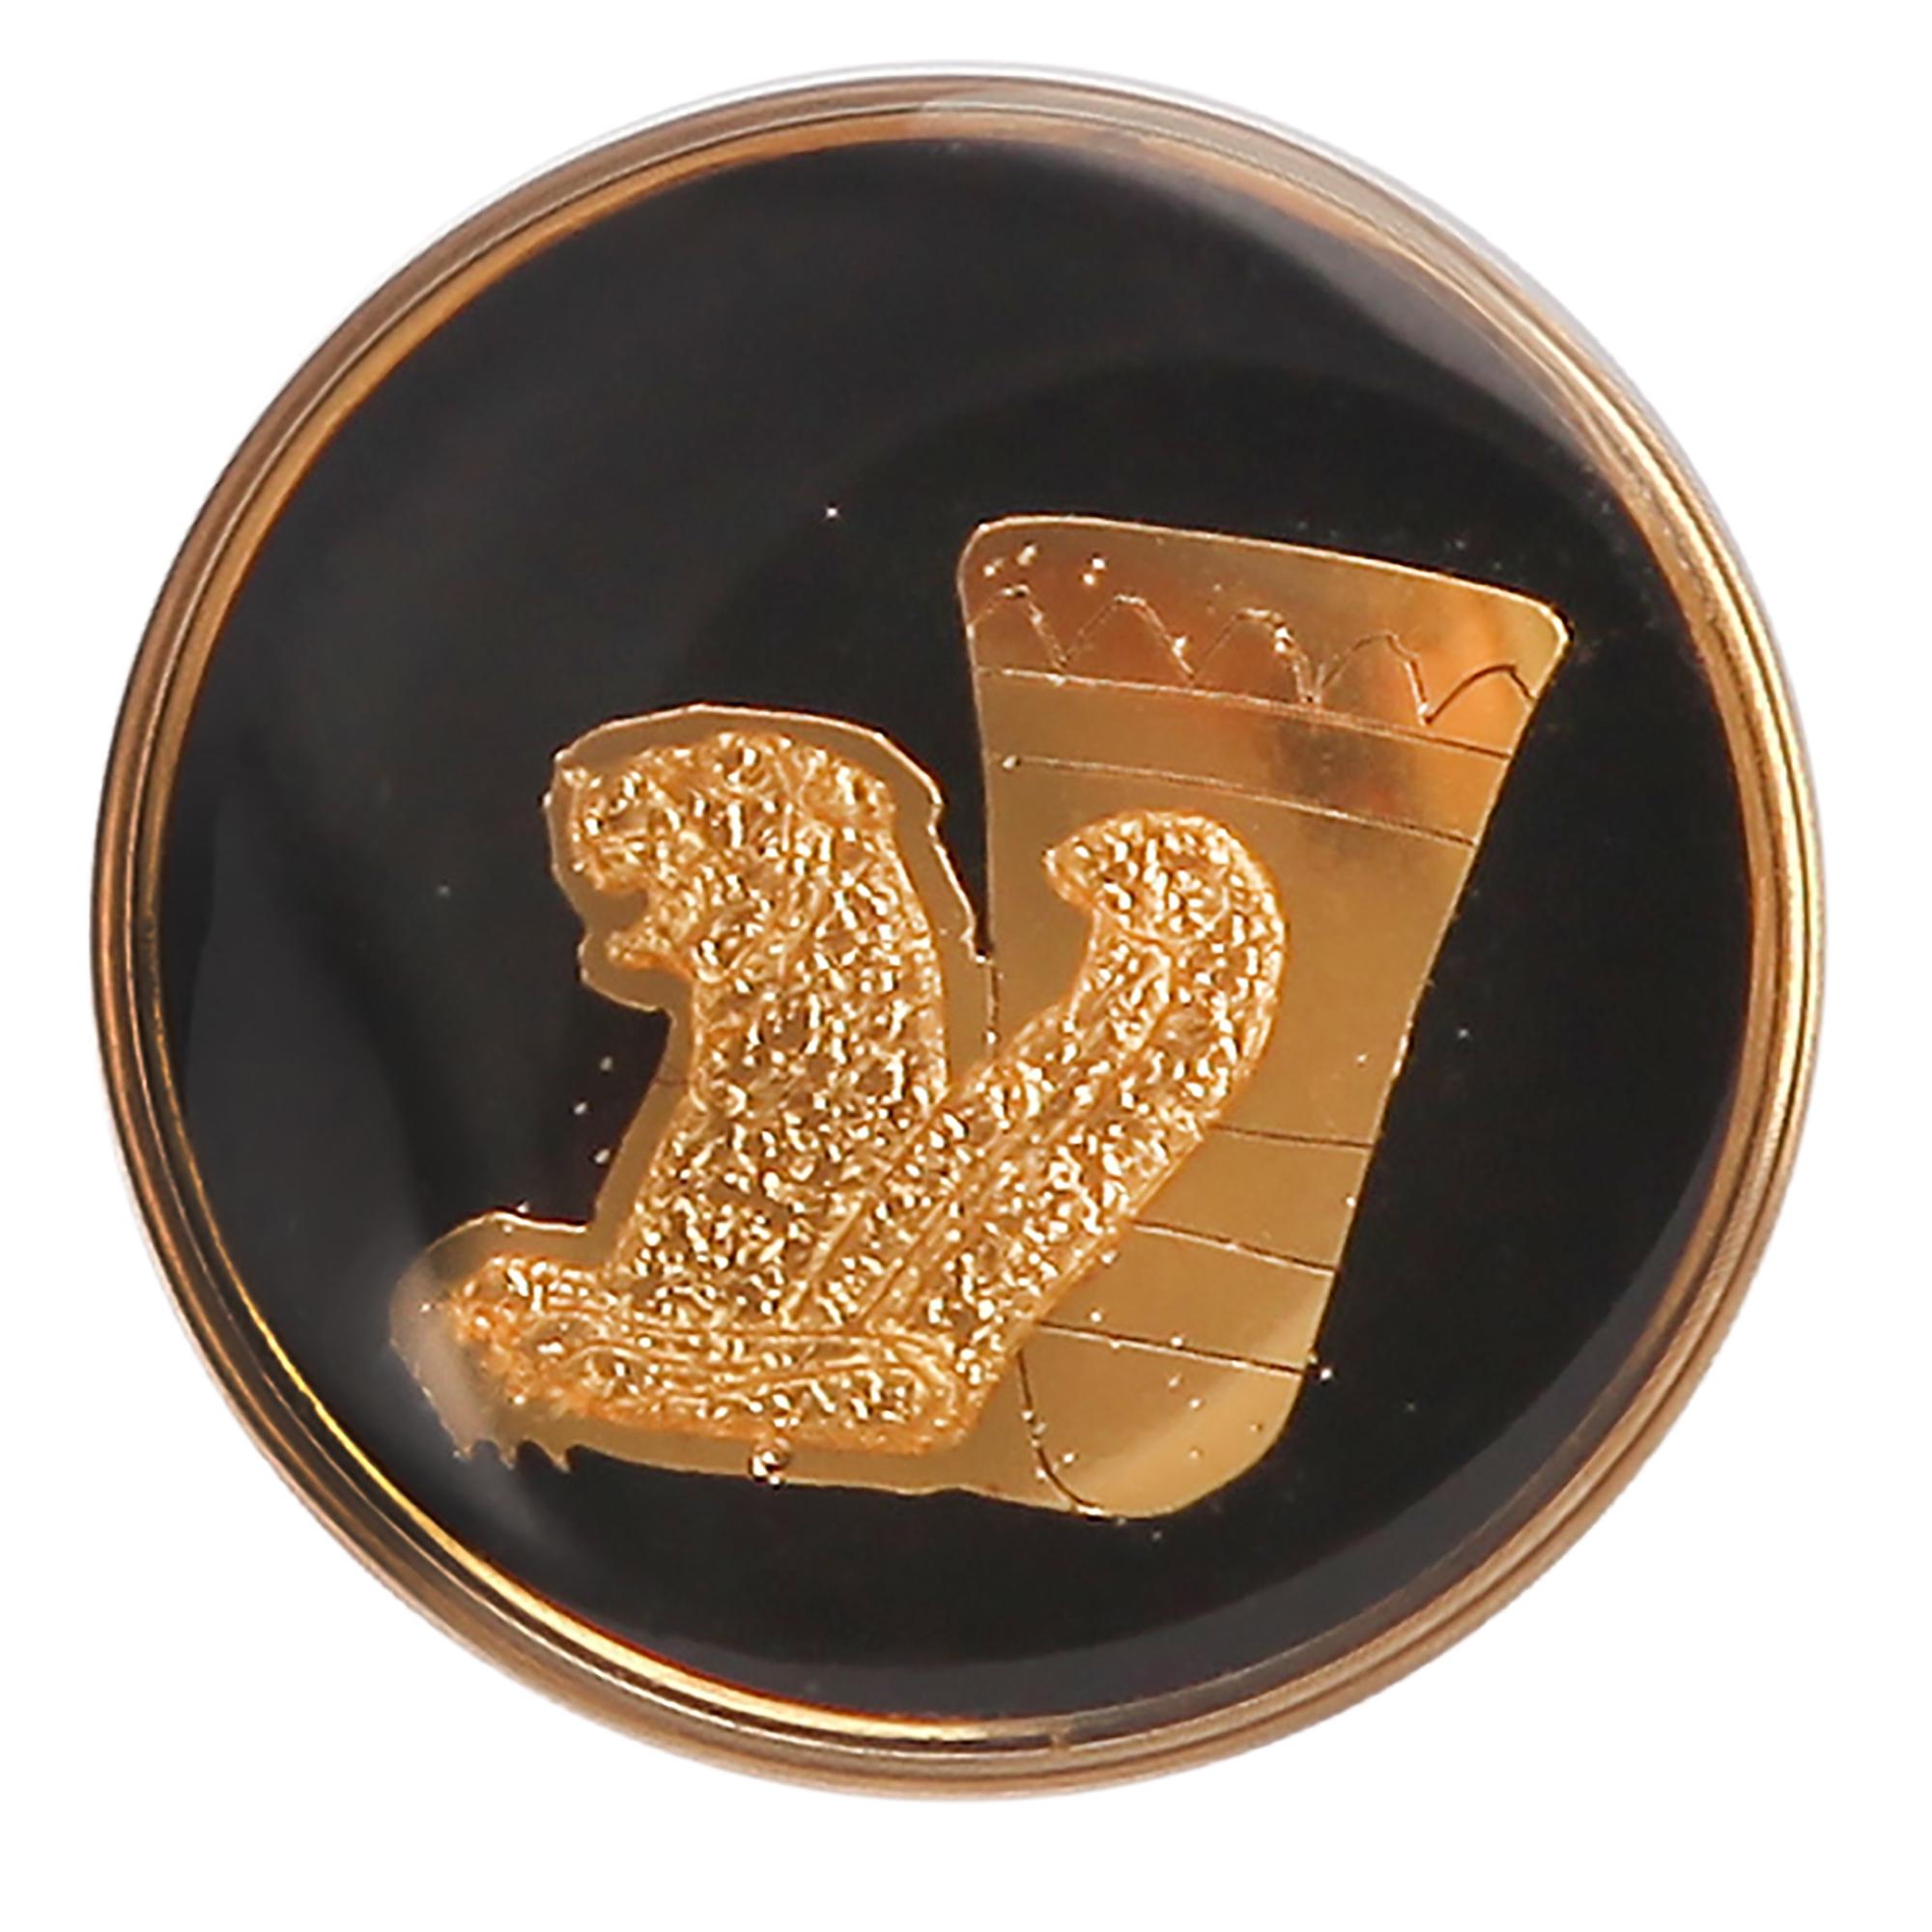 بج سینه طلا گالری الون طرح ریتون کد 198304